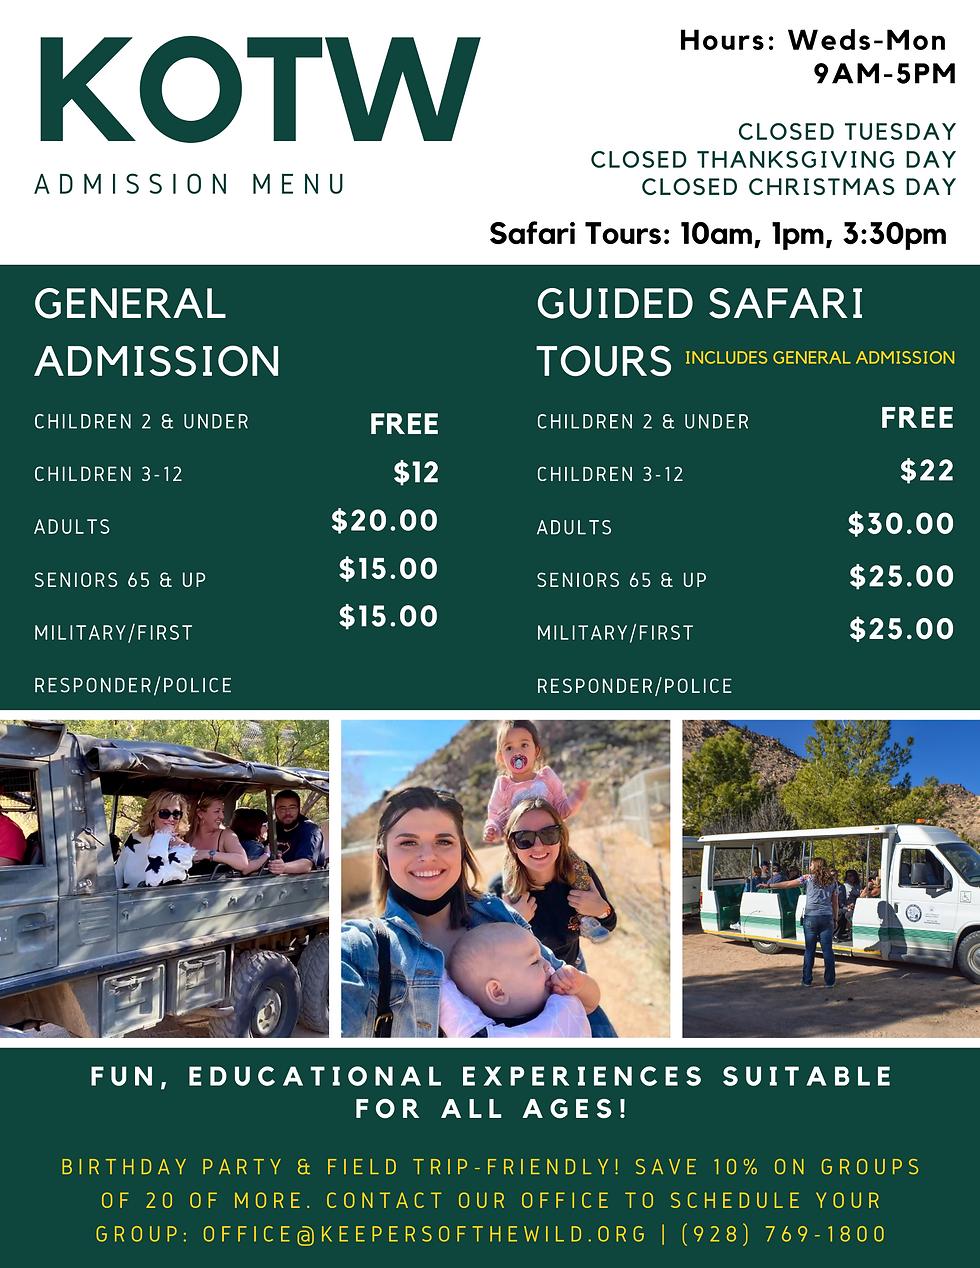 admission menu 2021.png